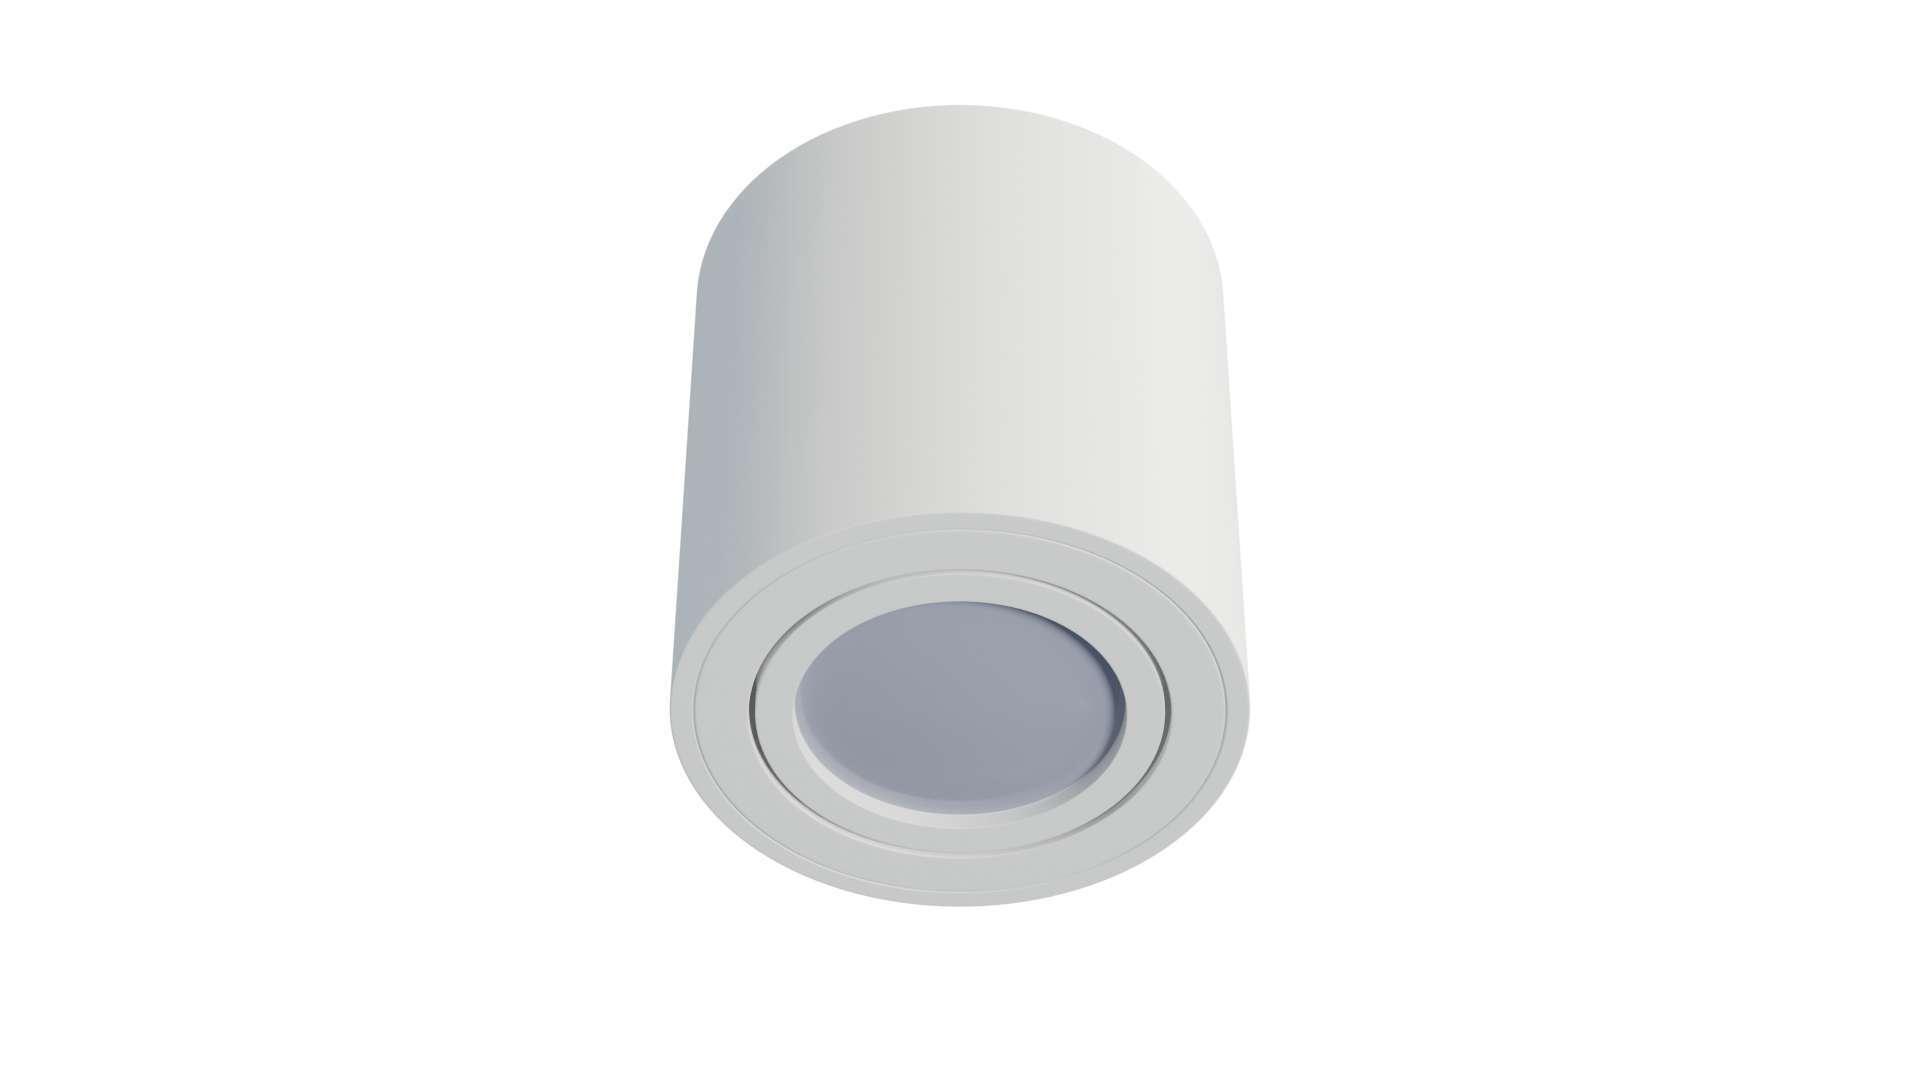 Oprawa natynkowa OREA okrągła biała